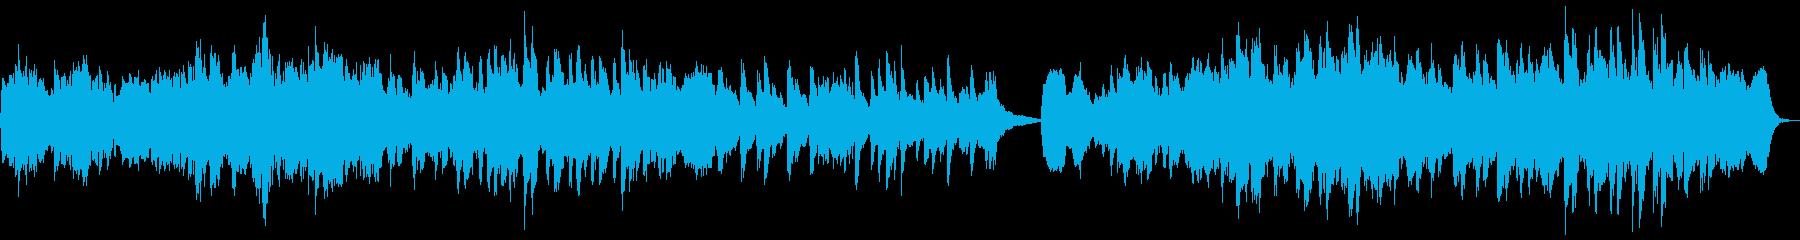 ヴィオラとピアノによる本格的なマズルカの再生済みの波形